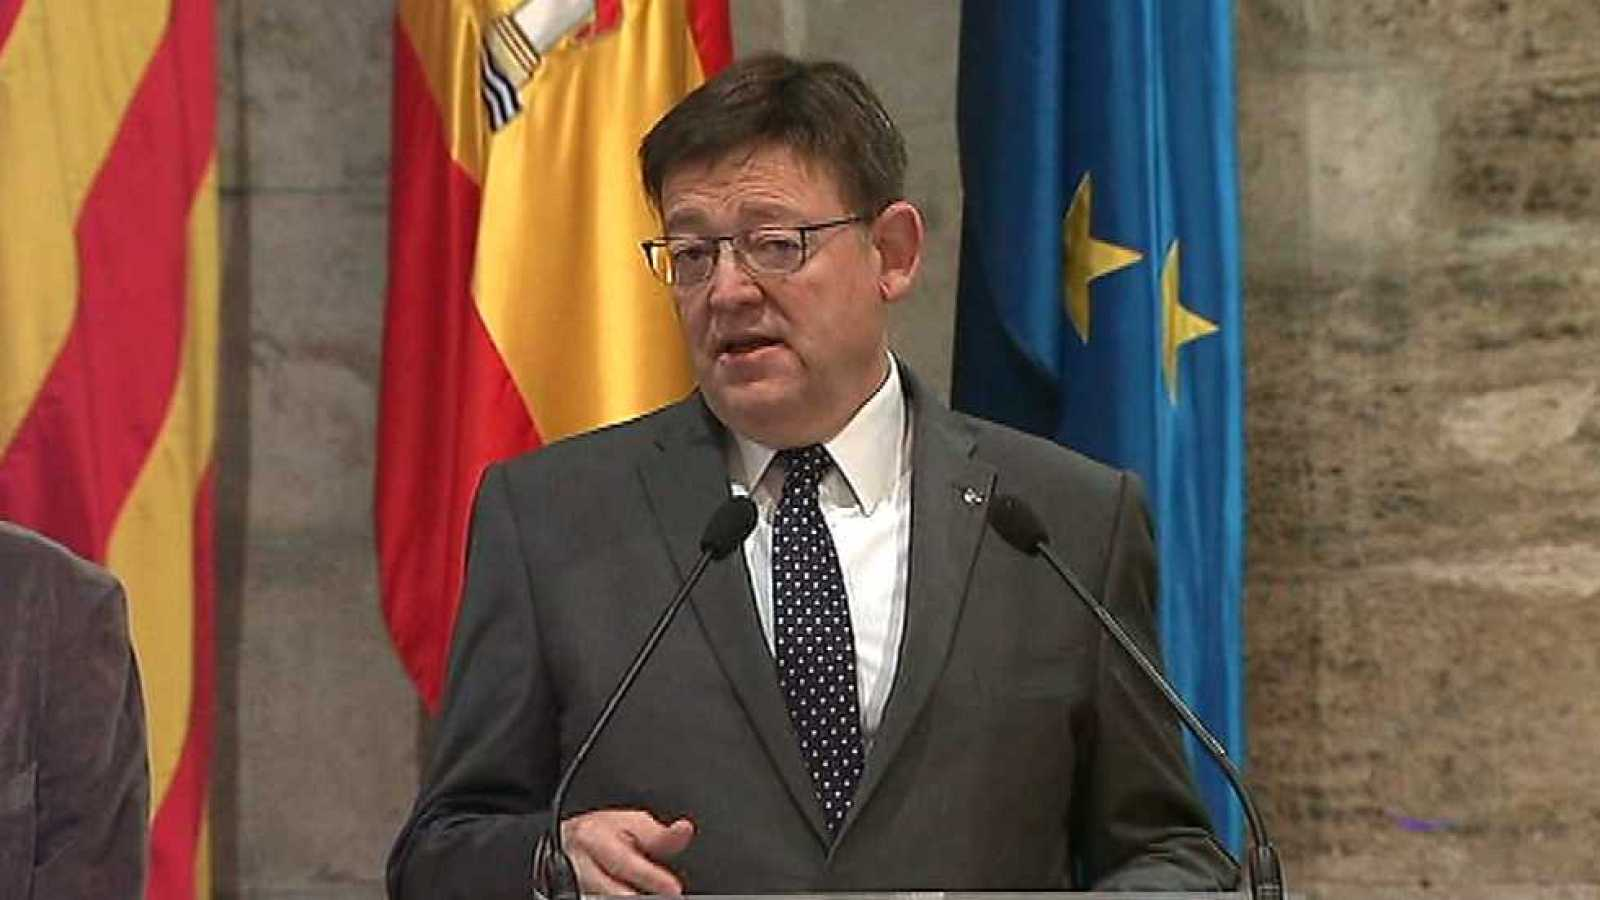 L'Informatiu - Comunitat Valenciana - 24/11/15 - Ver ahora